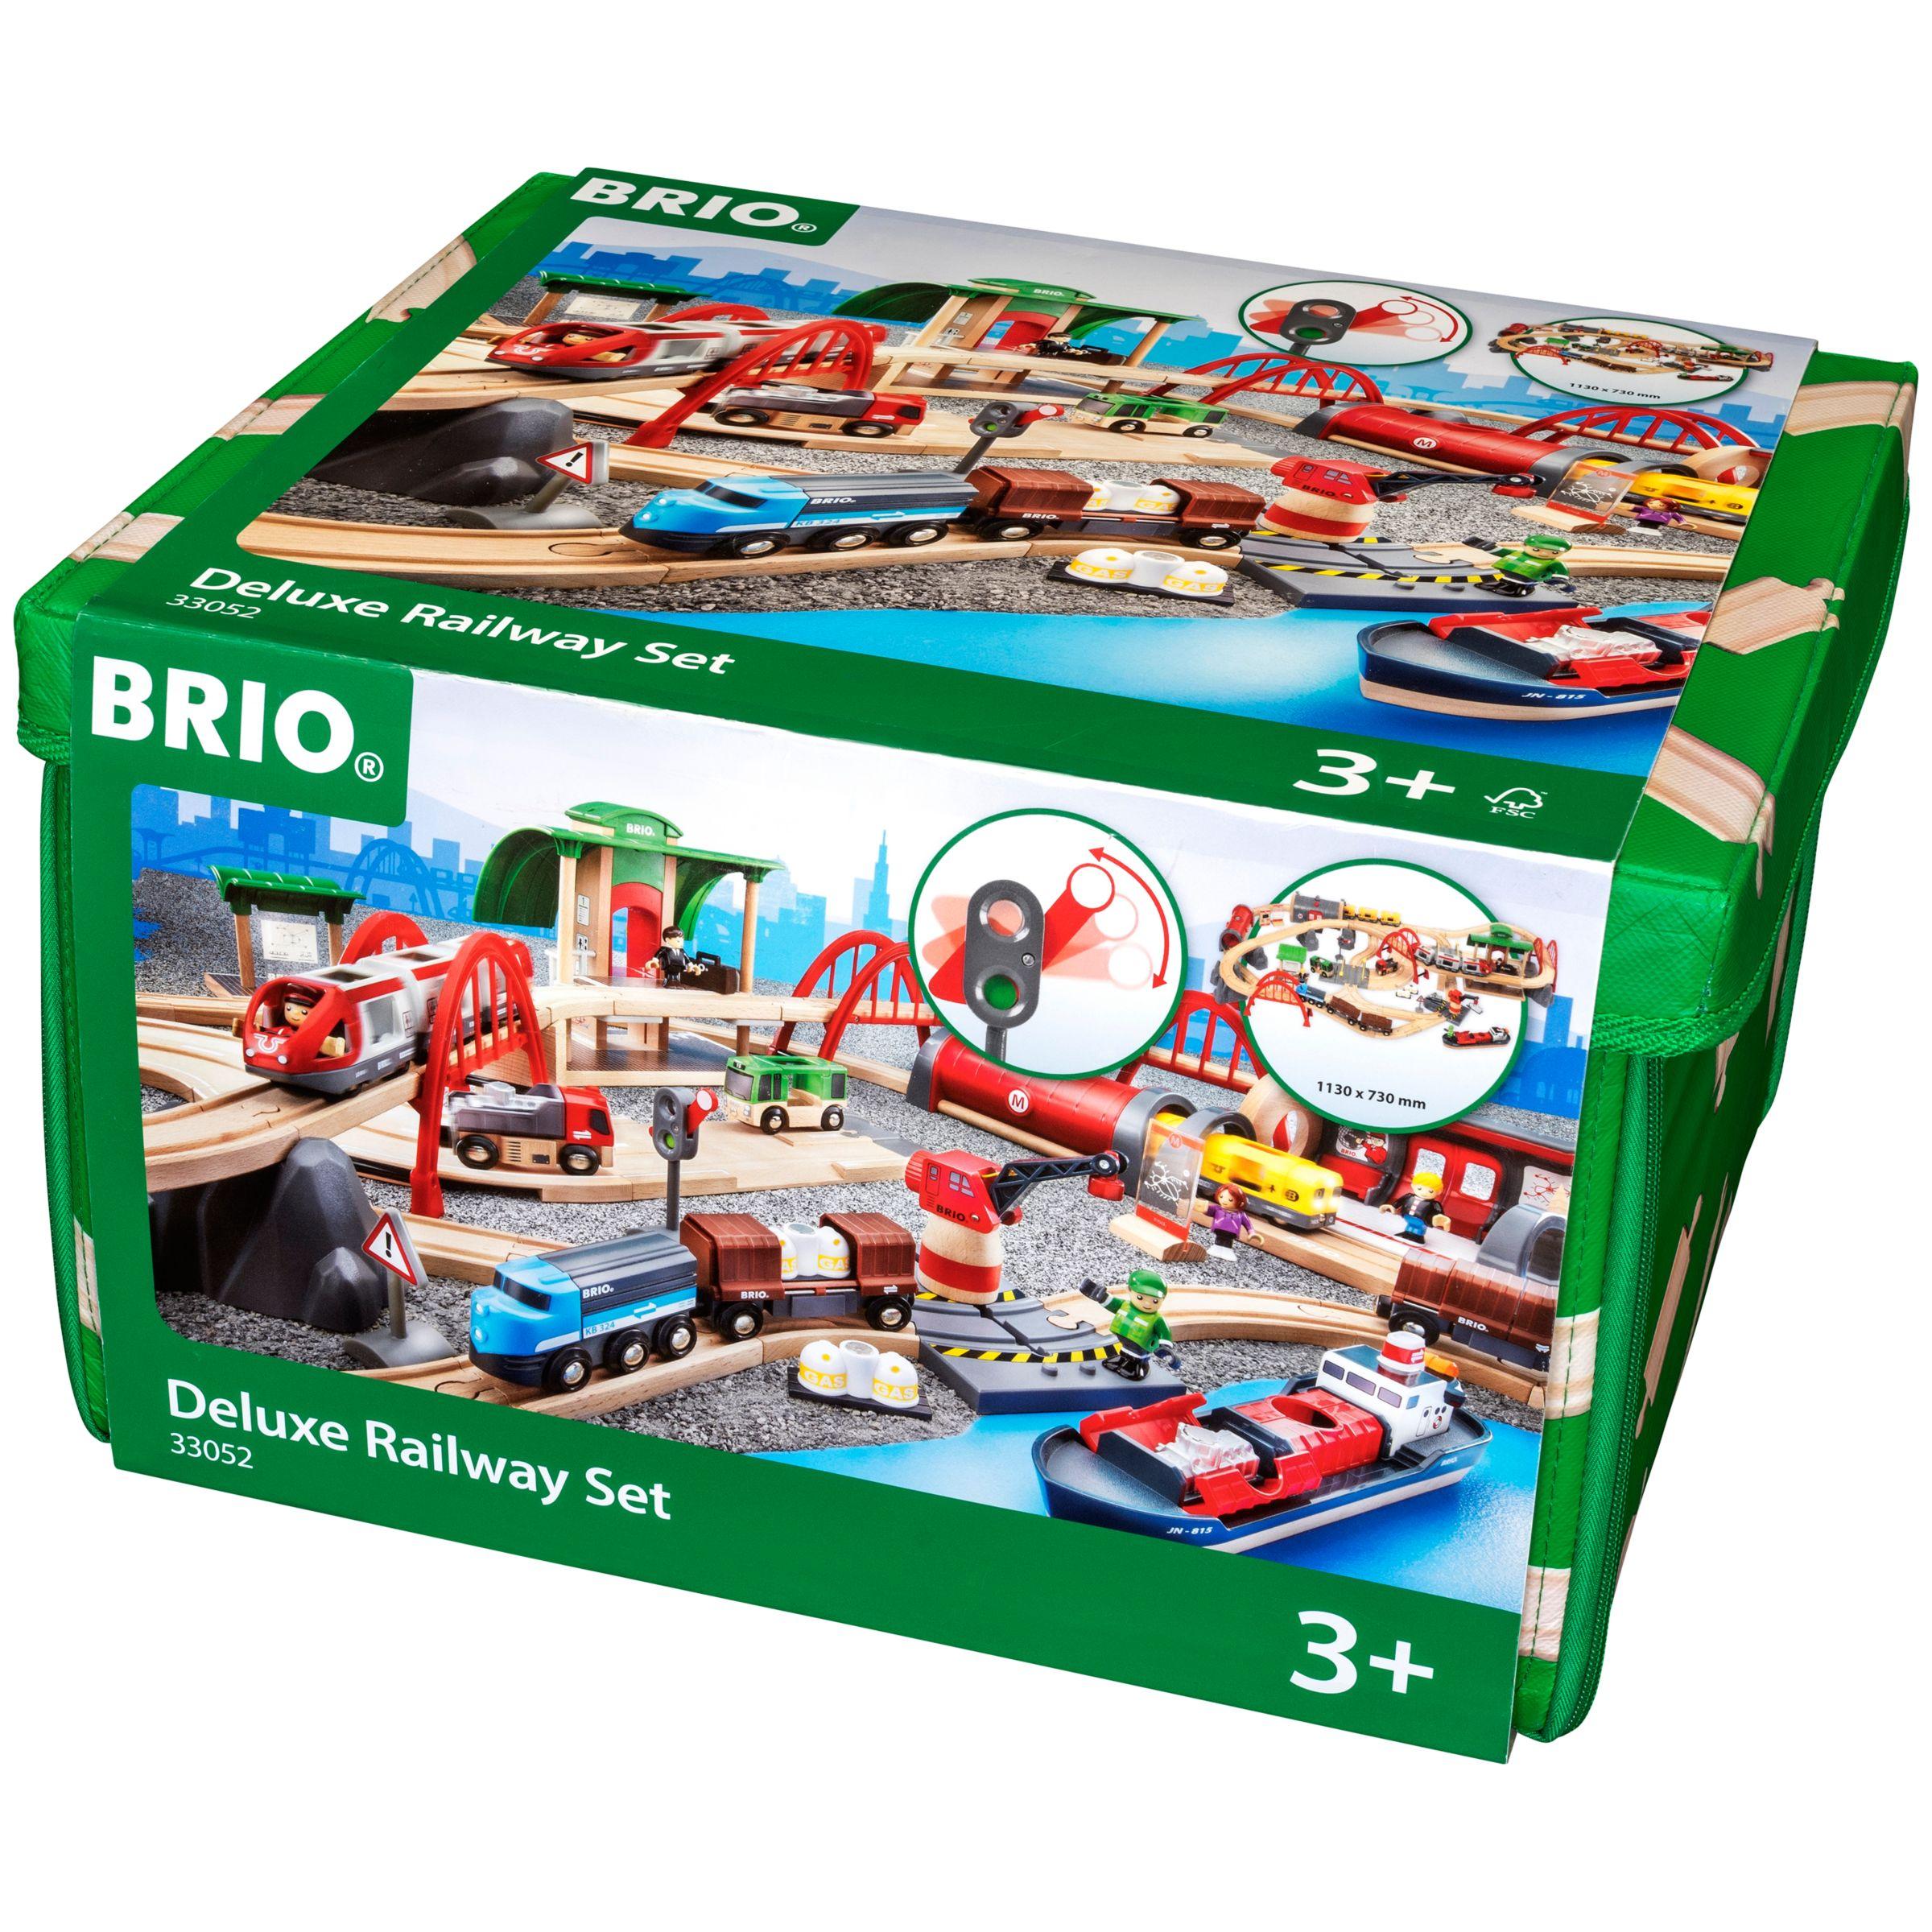 BRIO BRIO World Deluxe Railway Set